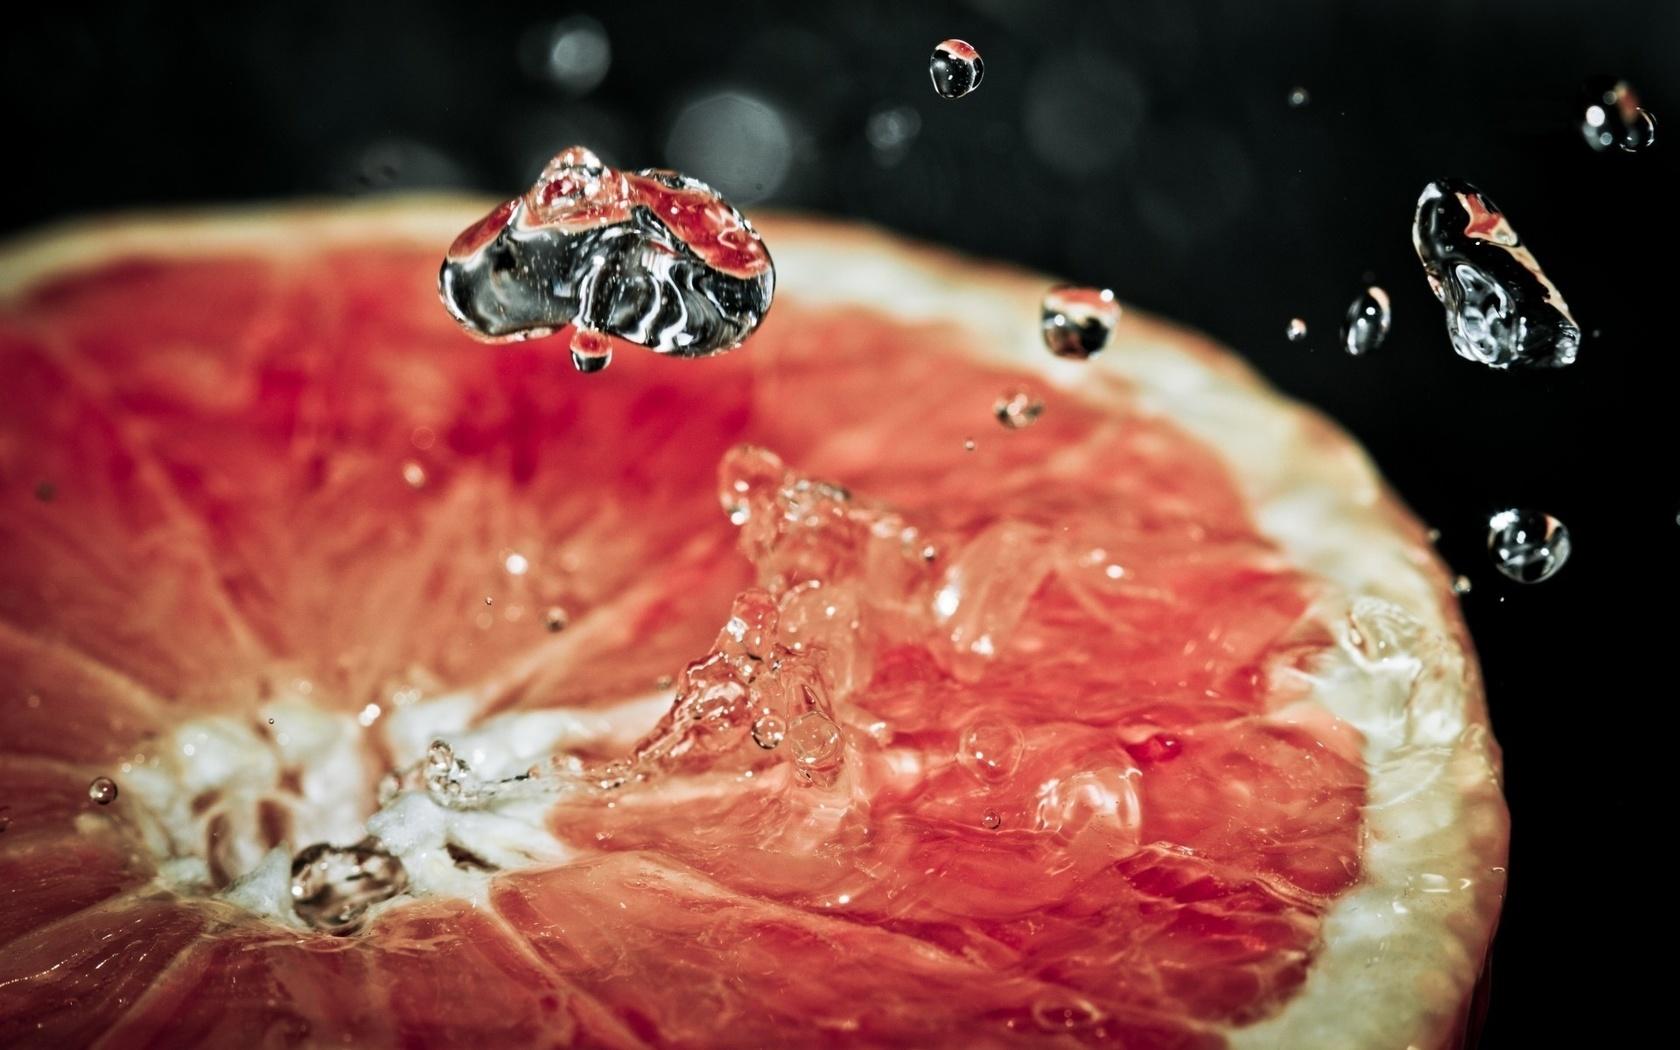 Картинки макросъемка фрукты